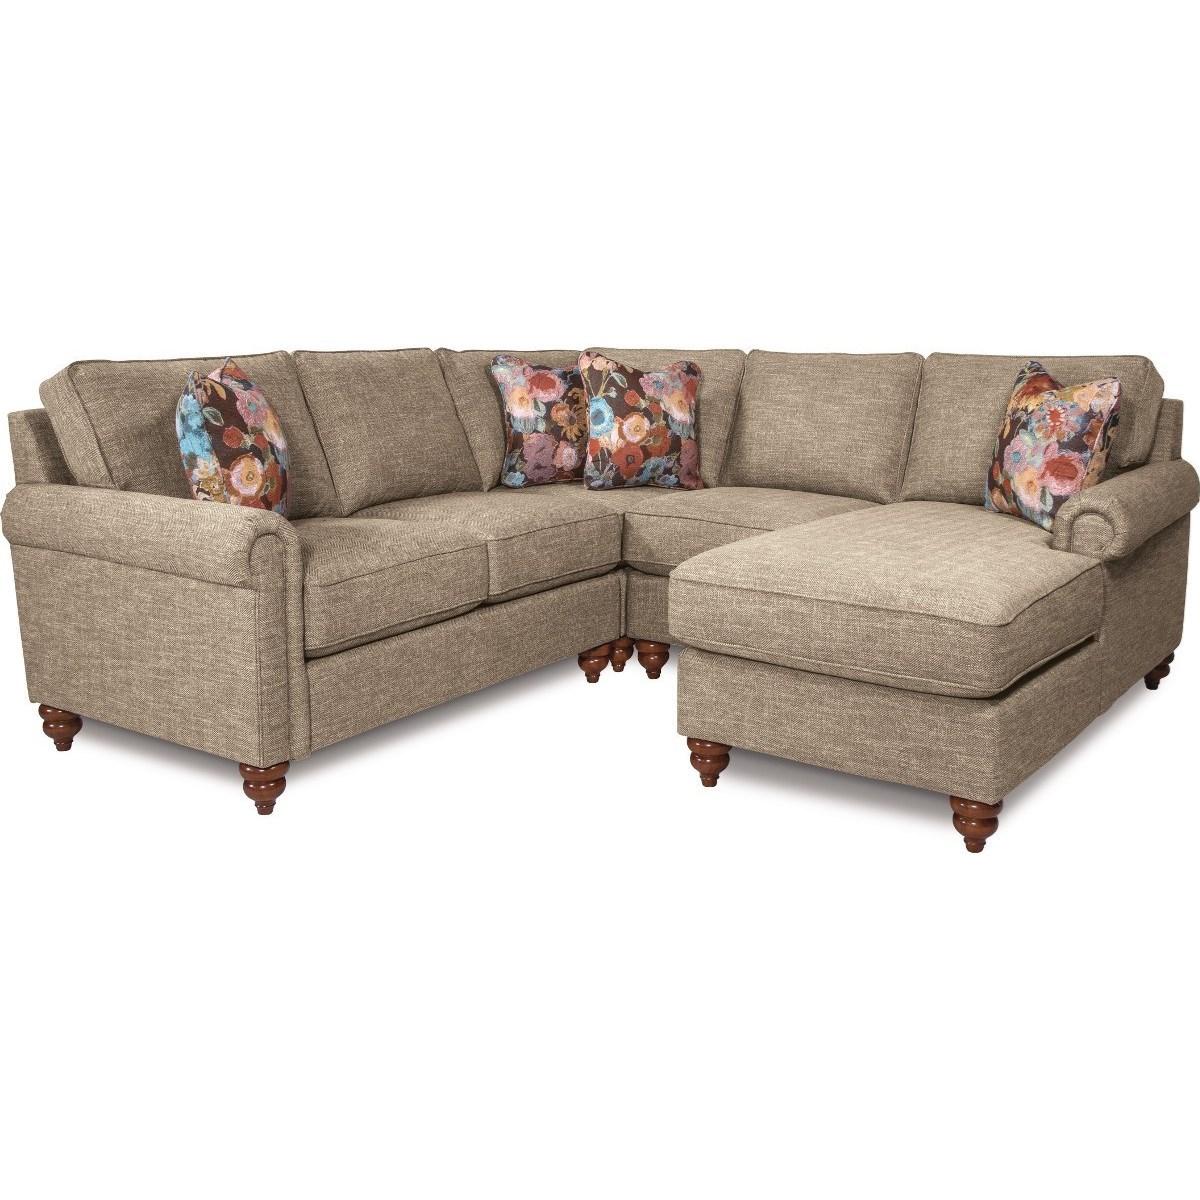 La Z Boy LEIGHTON4 Pc Sectional Sofa W/ LAS Chaise ...